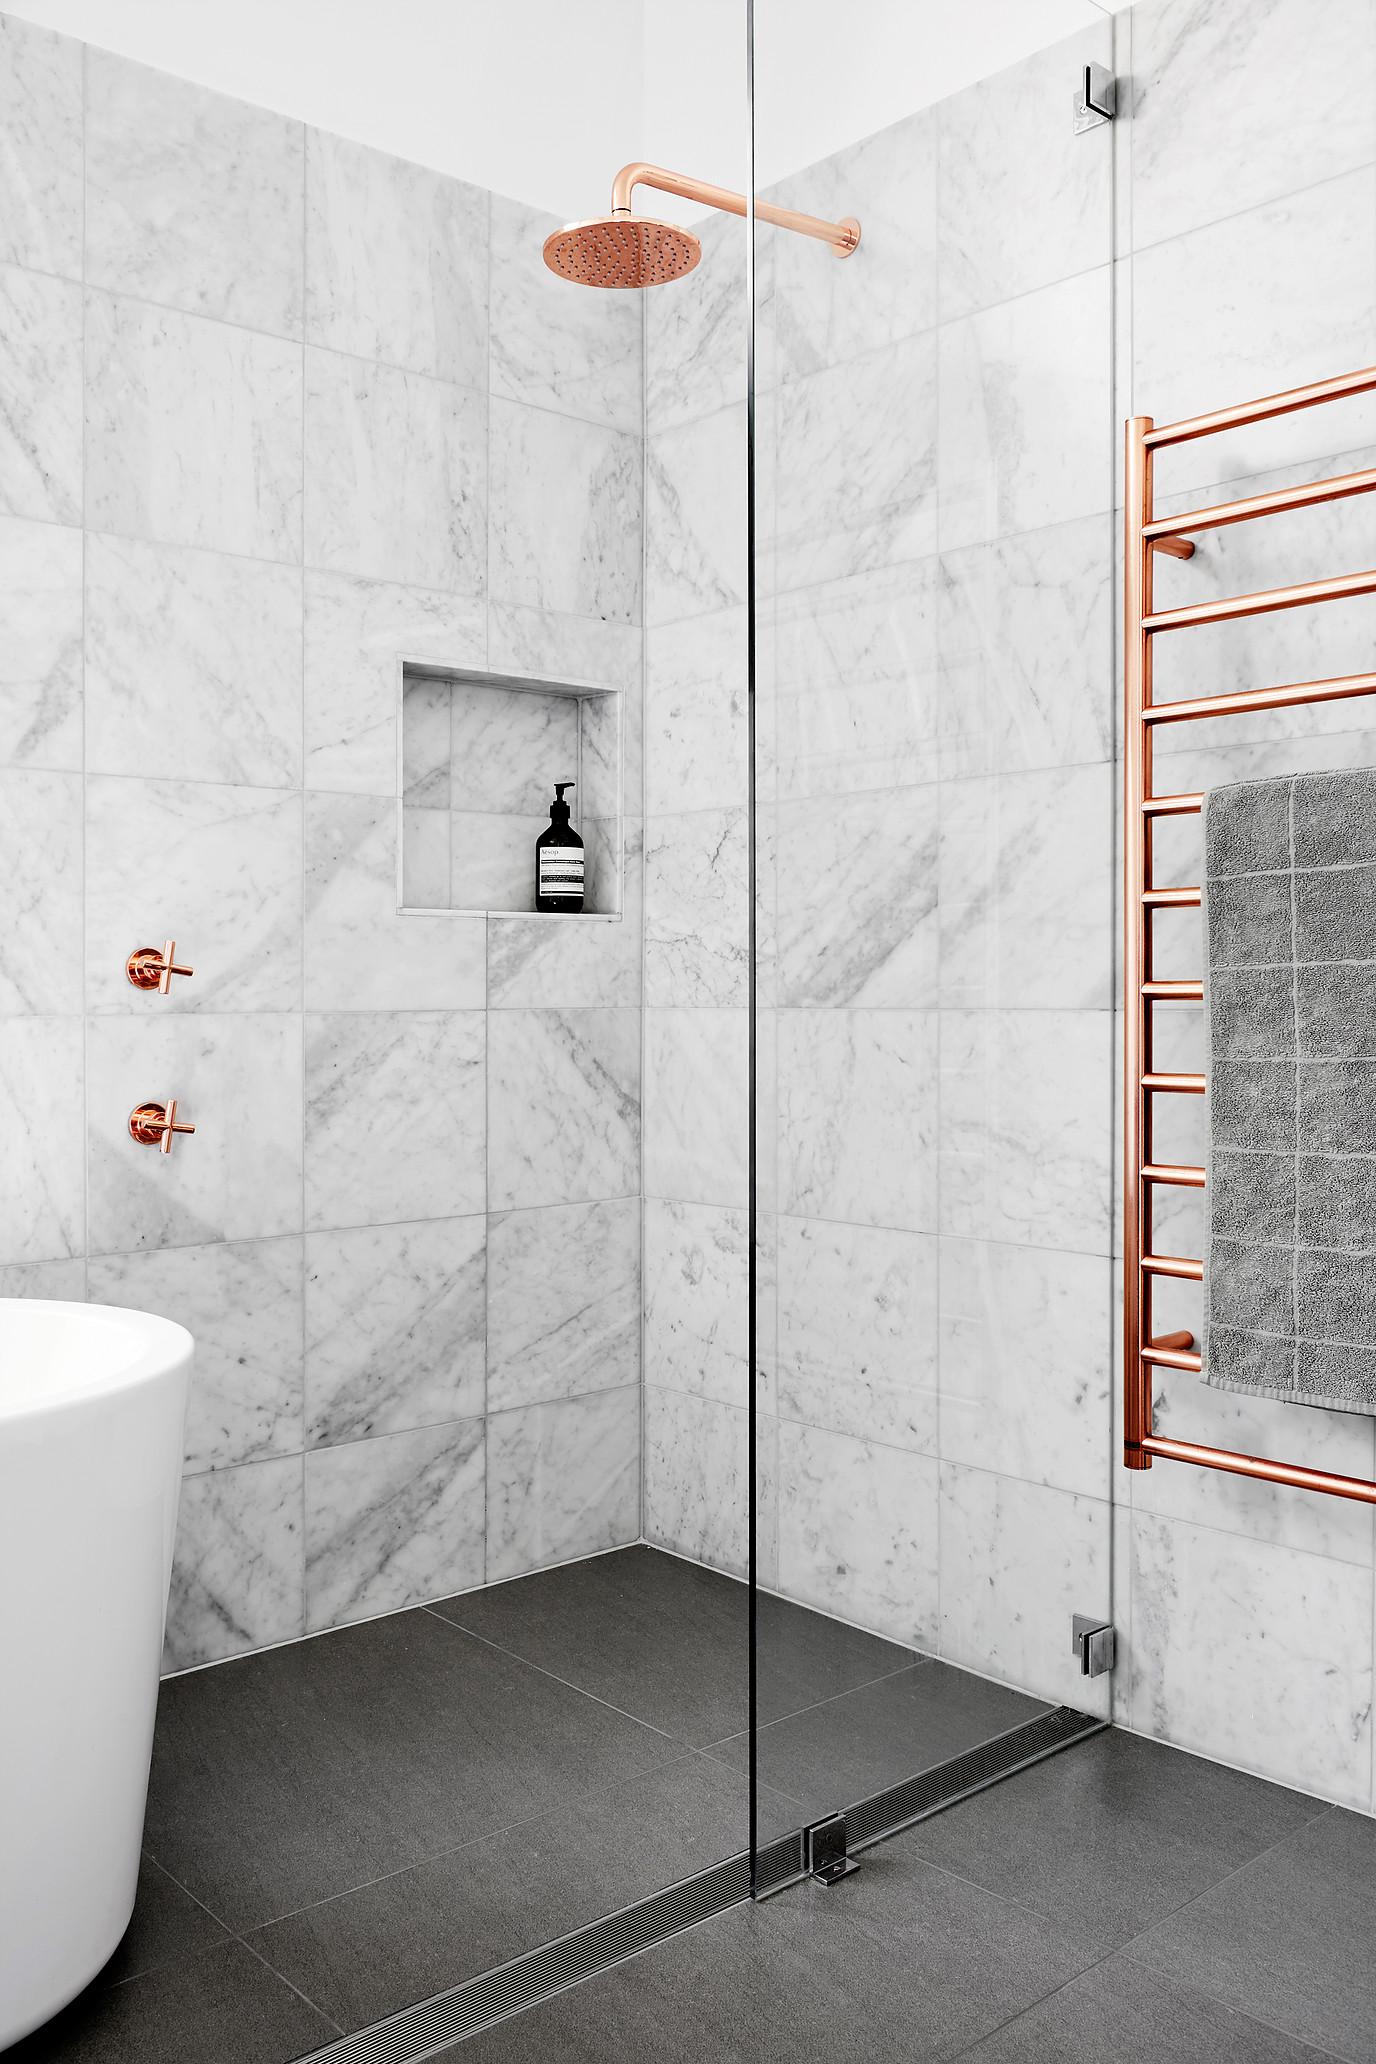 Inspiratie: marmer is een ware toevoeging aan je interieur | FEM FEM